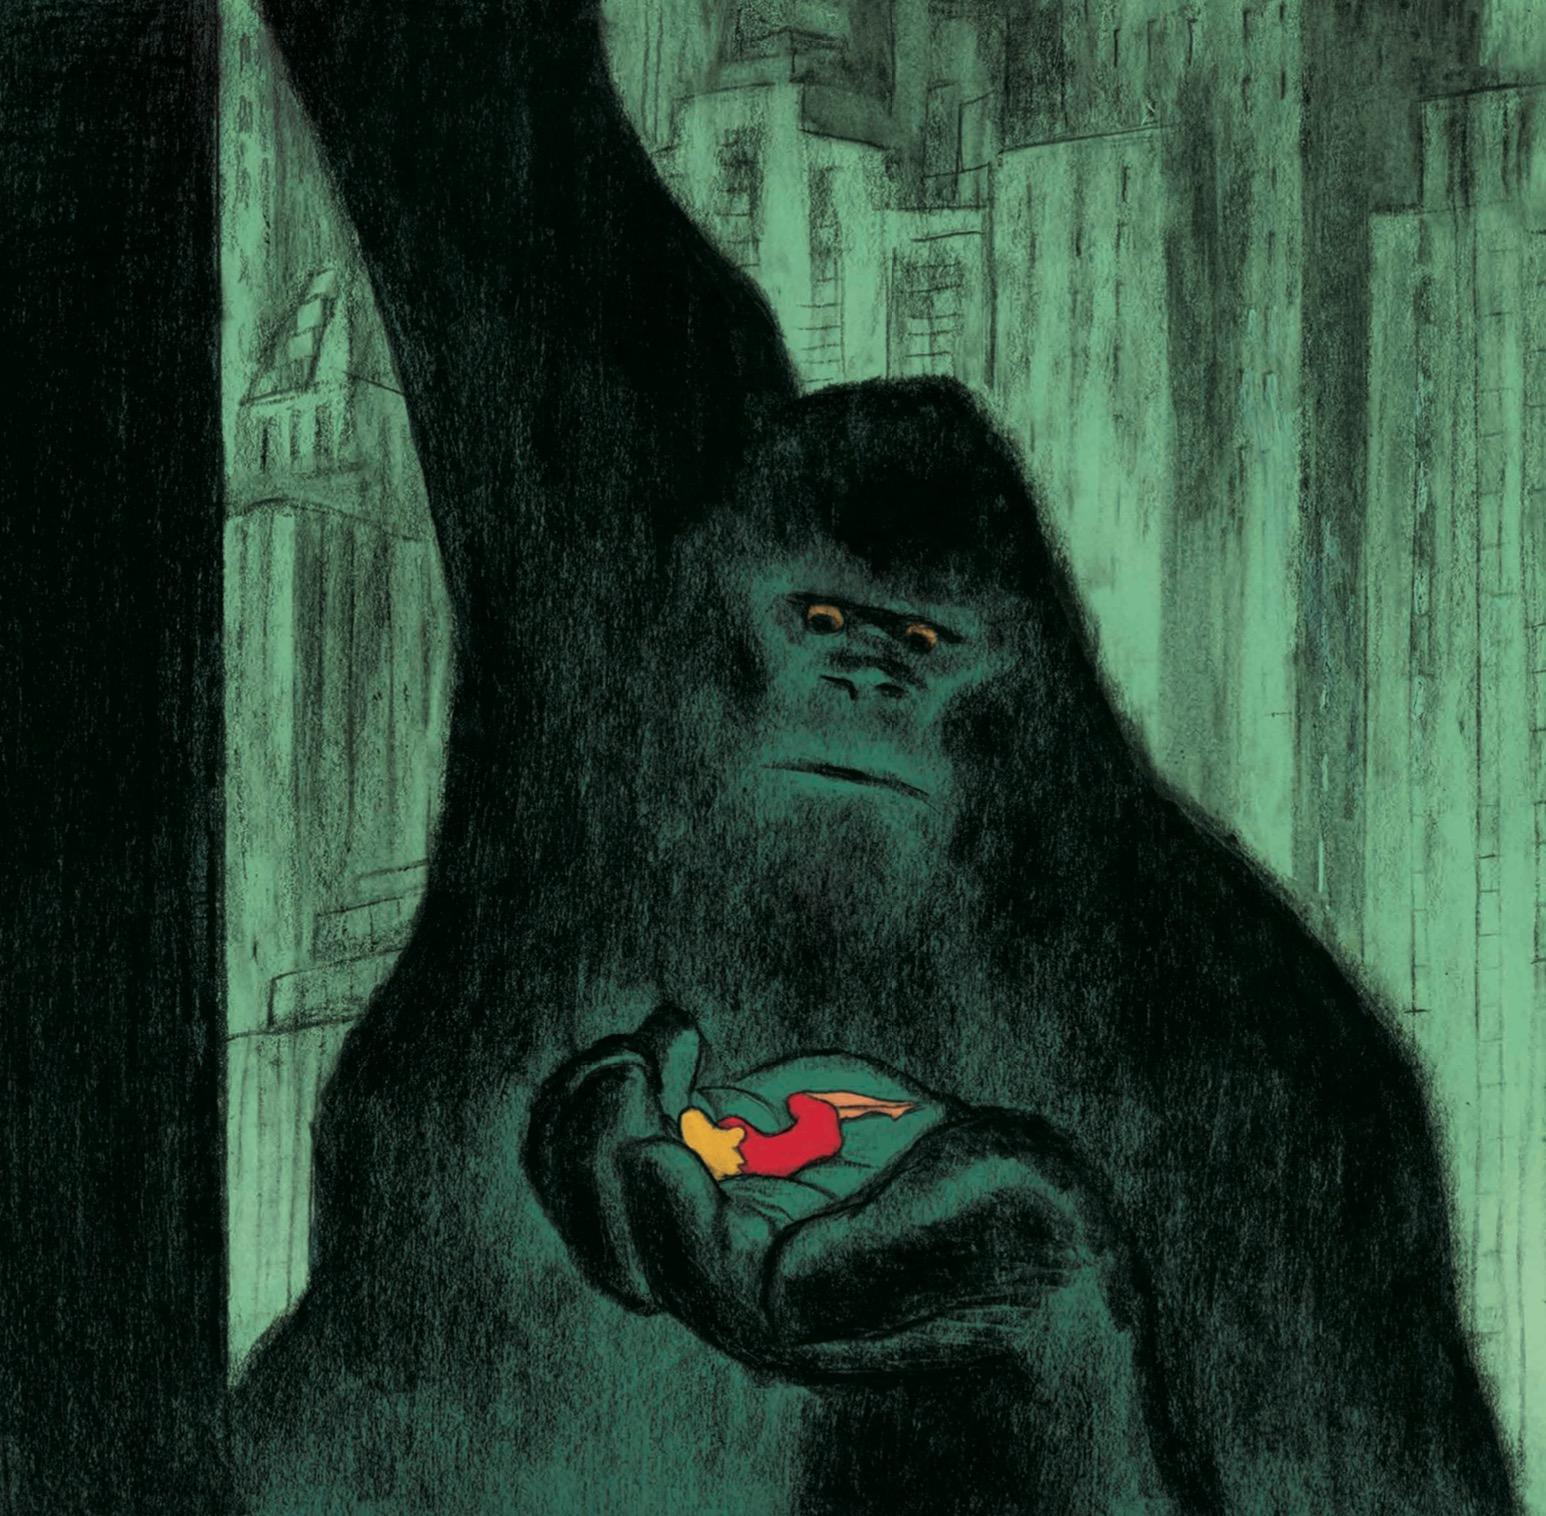 King Kong de Blain et Piquemal : un retour fantastique